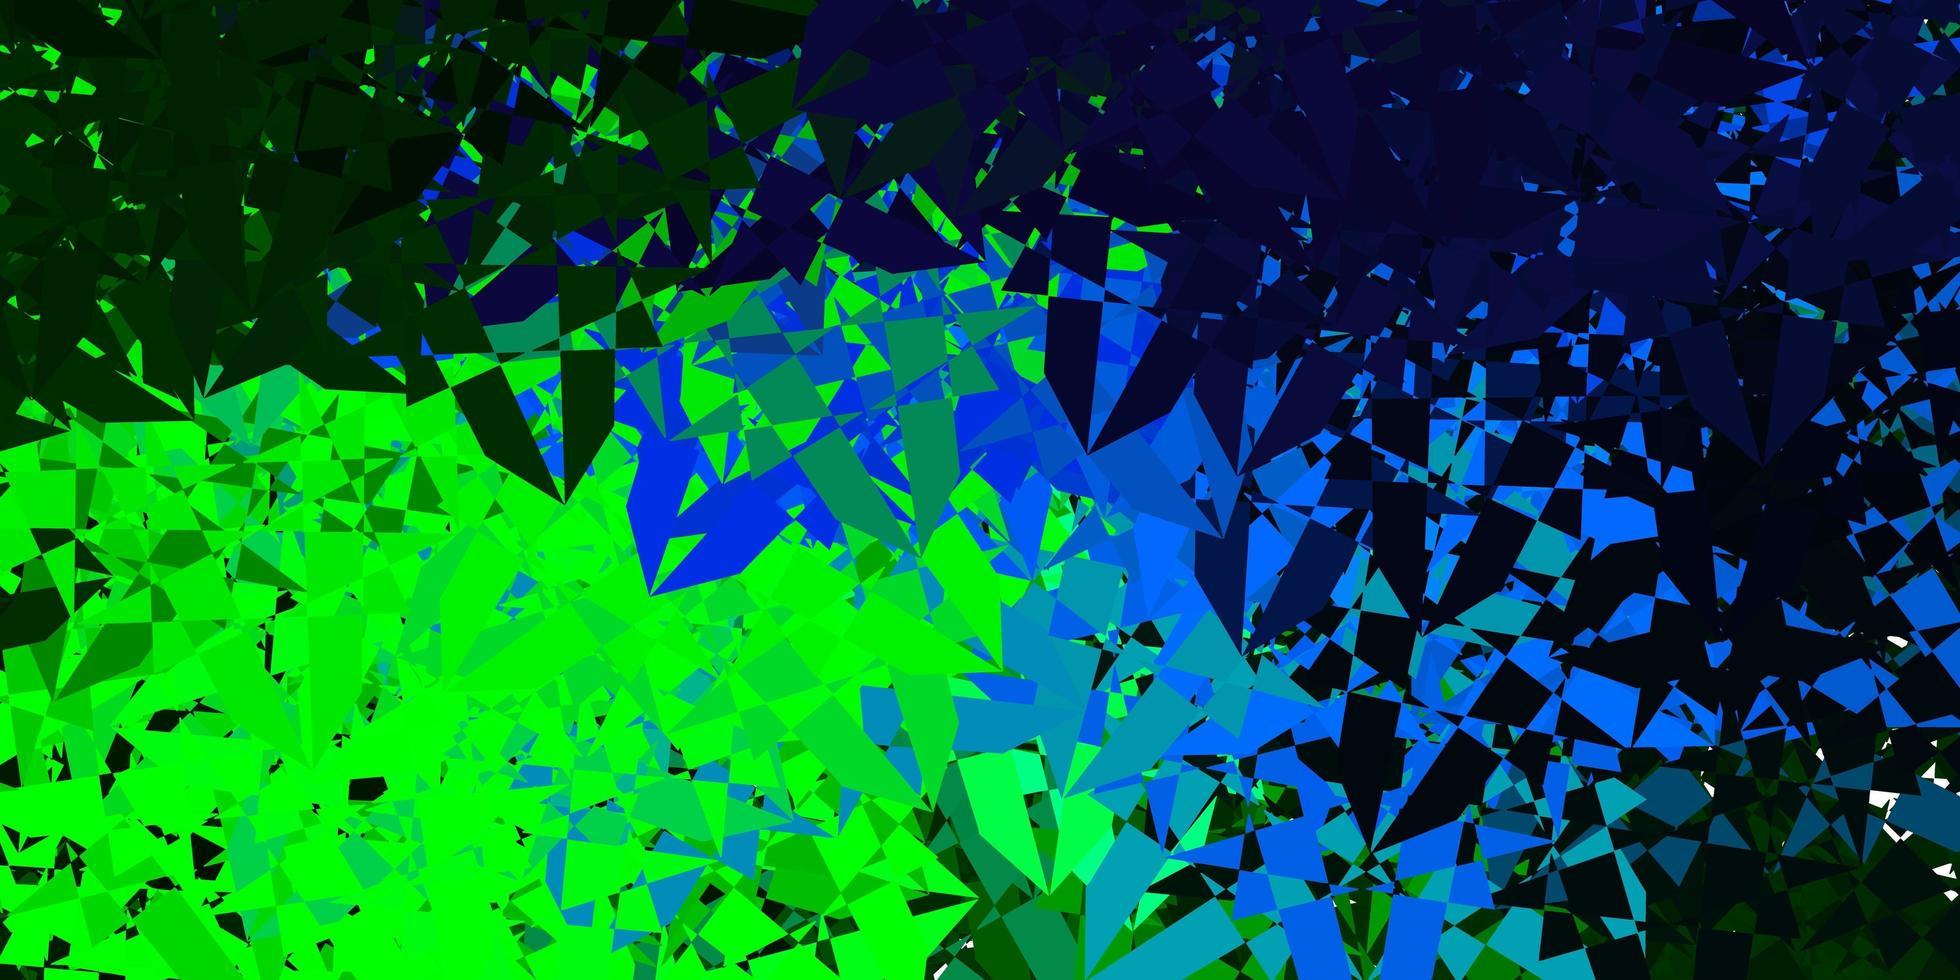 padrão de vetor multicolorido escuro com formas poligonais.